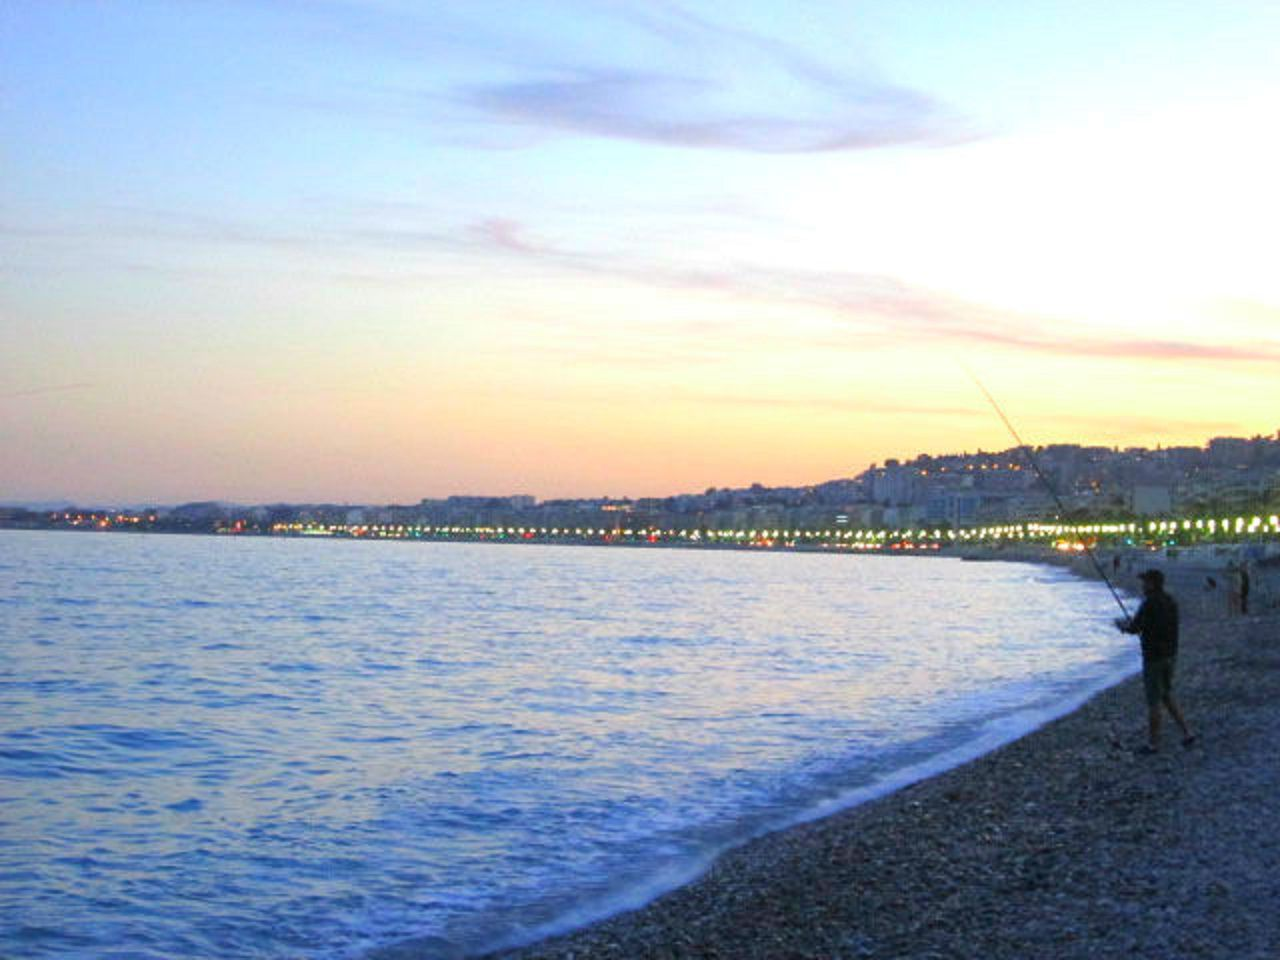 地中海と夕日の贅沢コラボを満喫しよう!